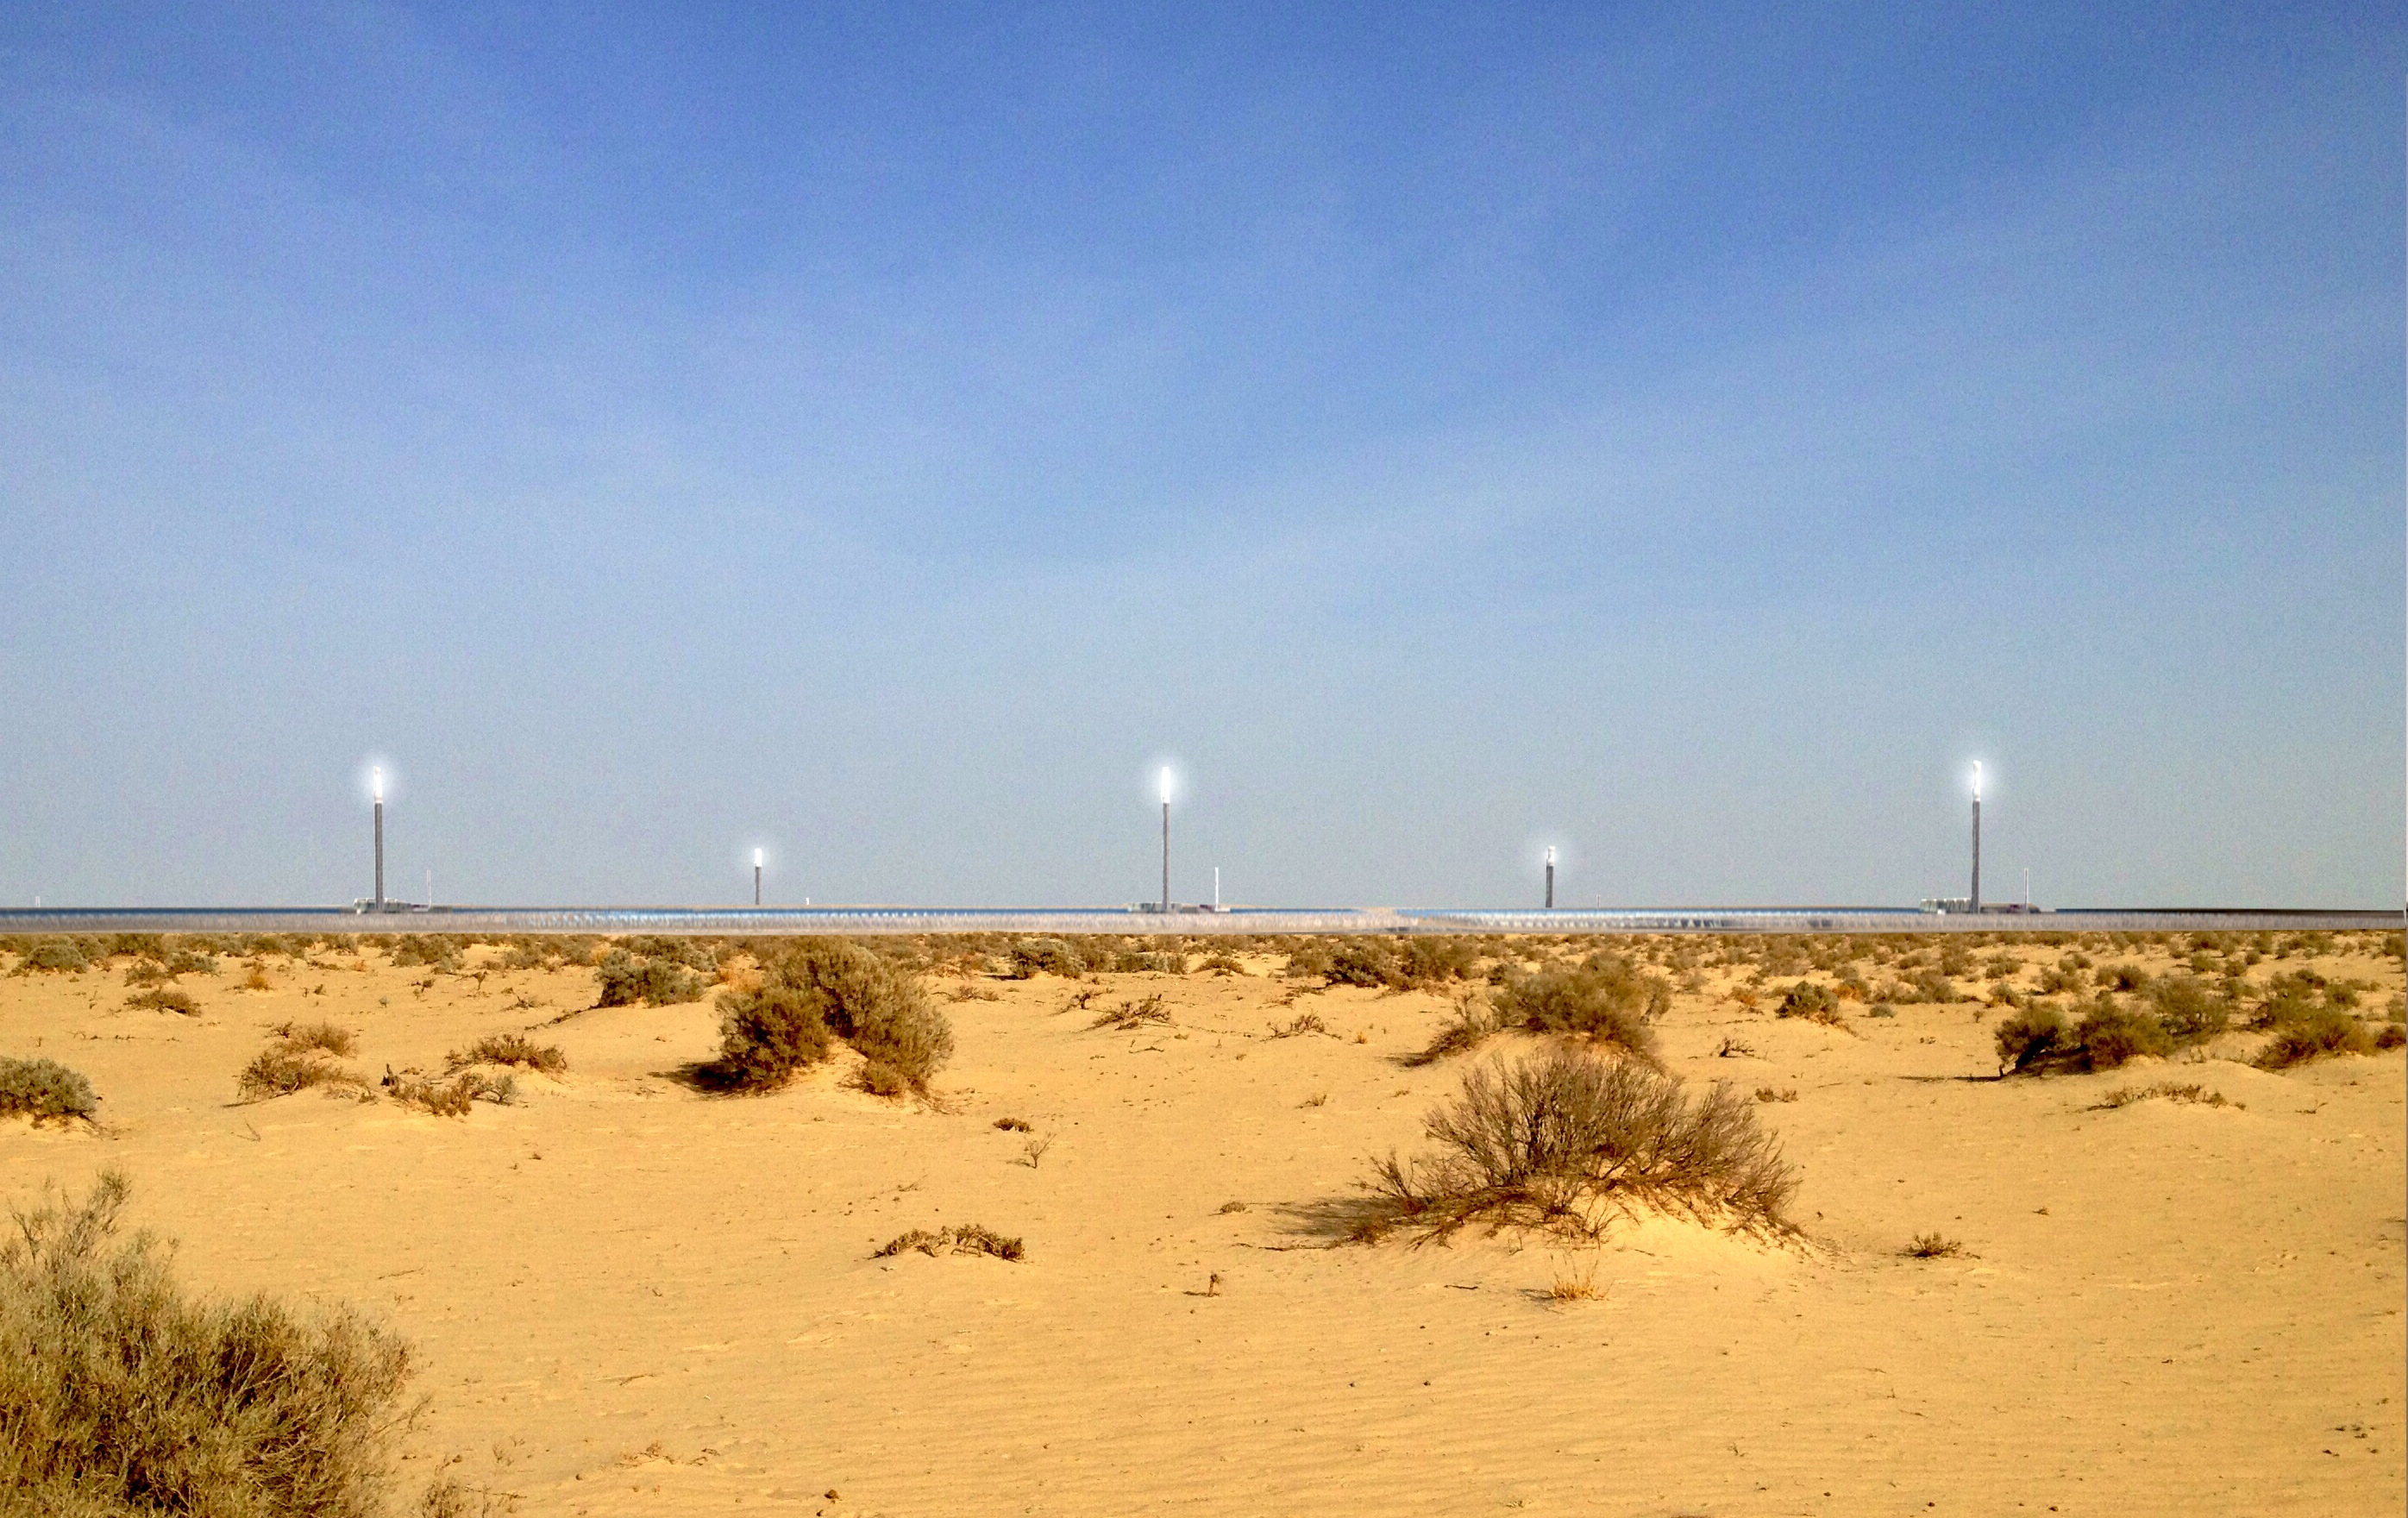 Die neuen Solarturm-Kraftwerke sollen im Südwesten Tunesiens in der Sahara entstehen.